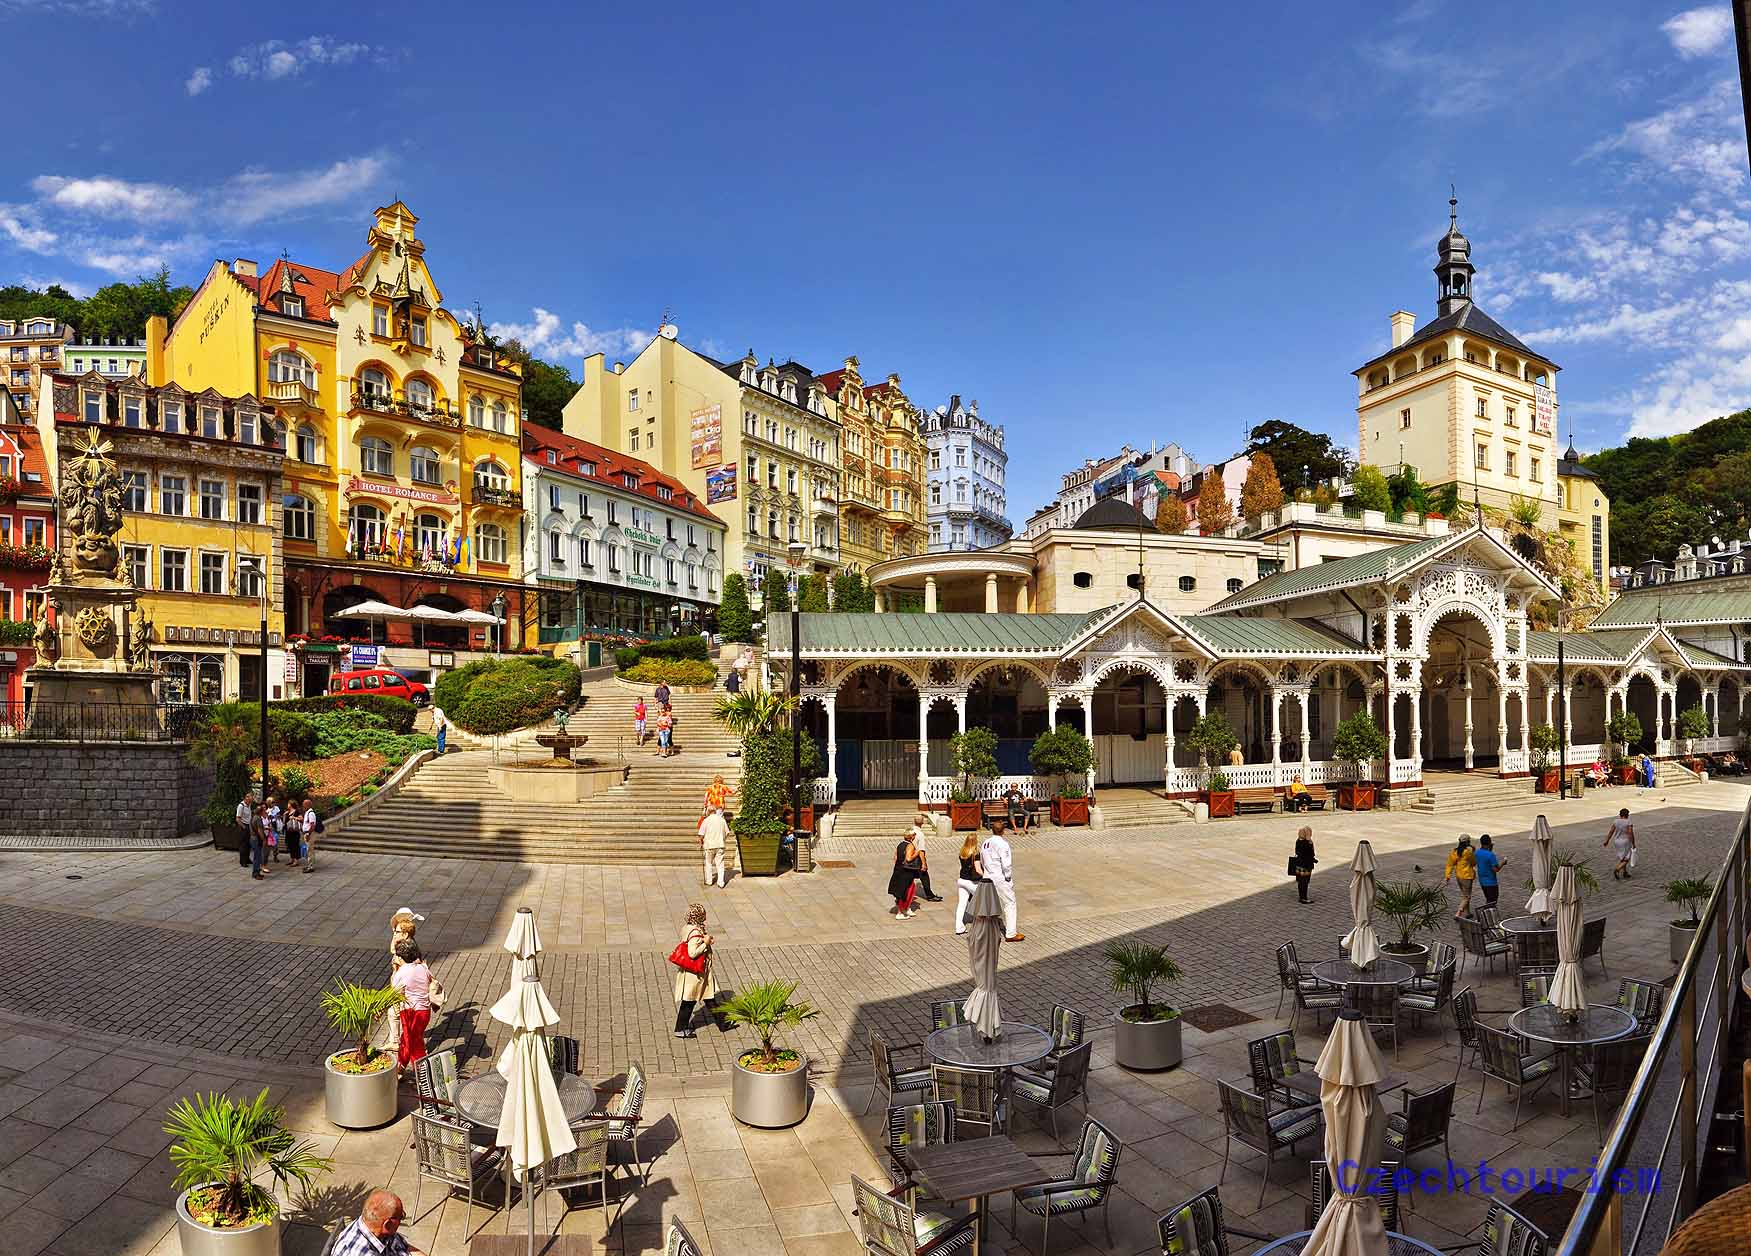 Das Kurzentrum mit seinen teilweise eklektizistischen Bauten ist eine Attraktion, Foto: Czechtourism